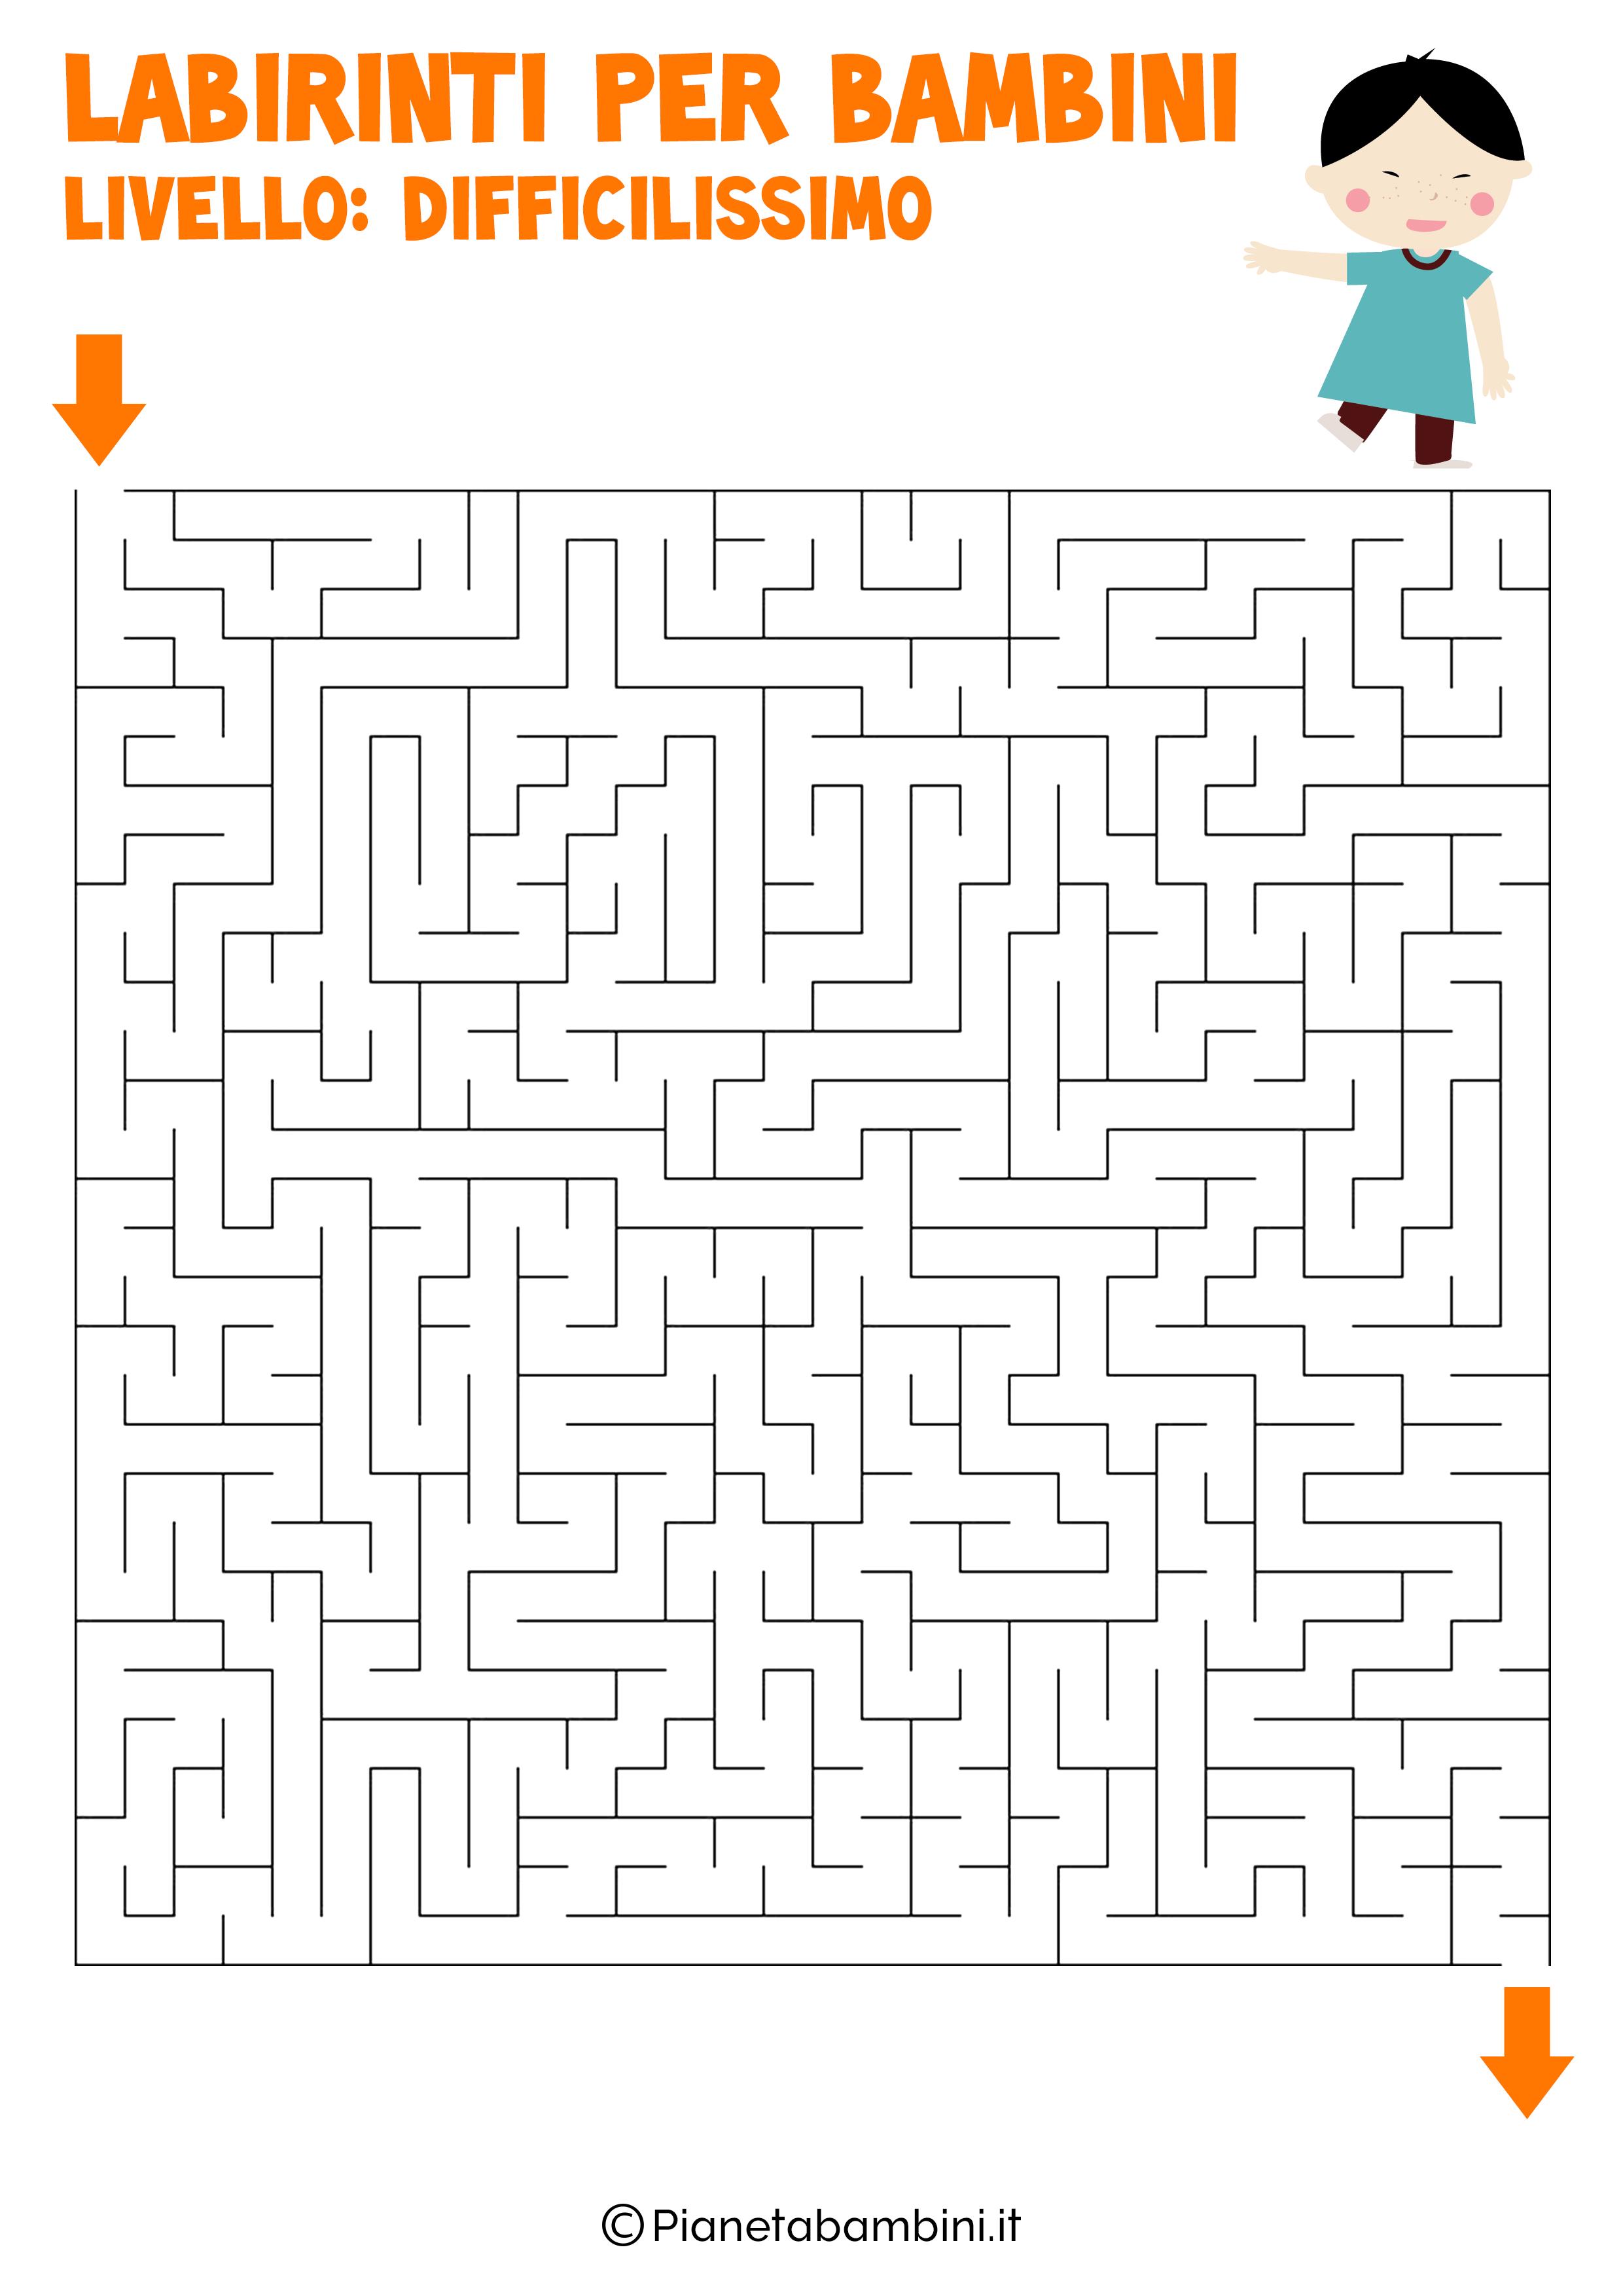 Labirinti-Difficilissimi-Bambini-07